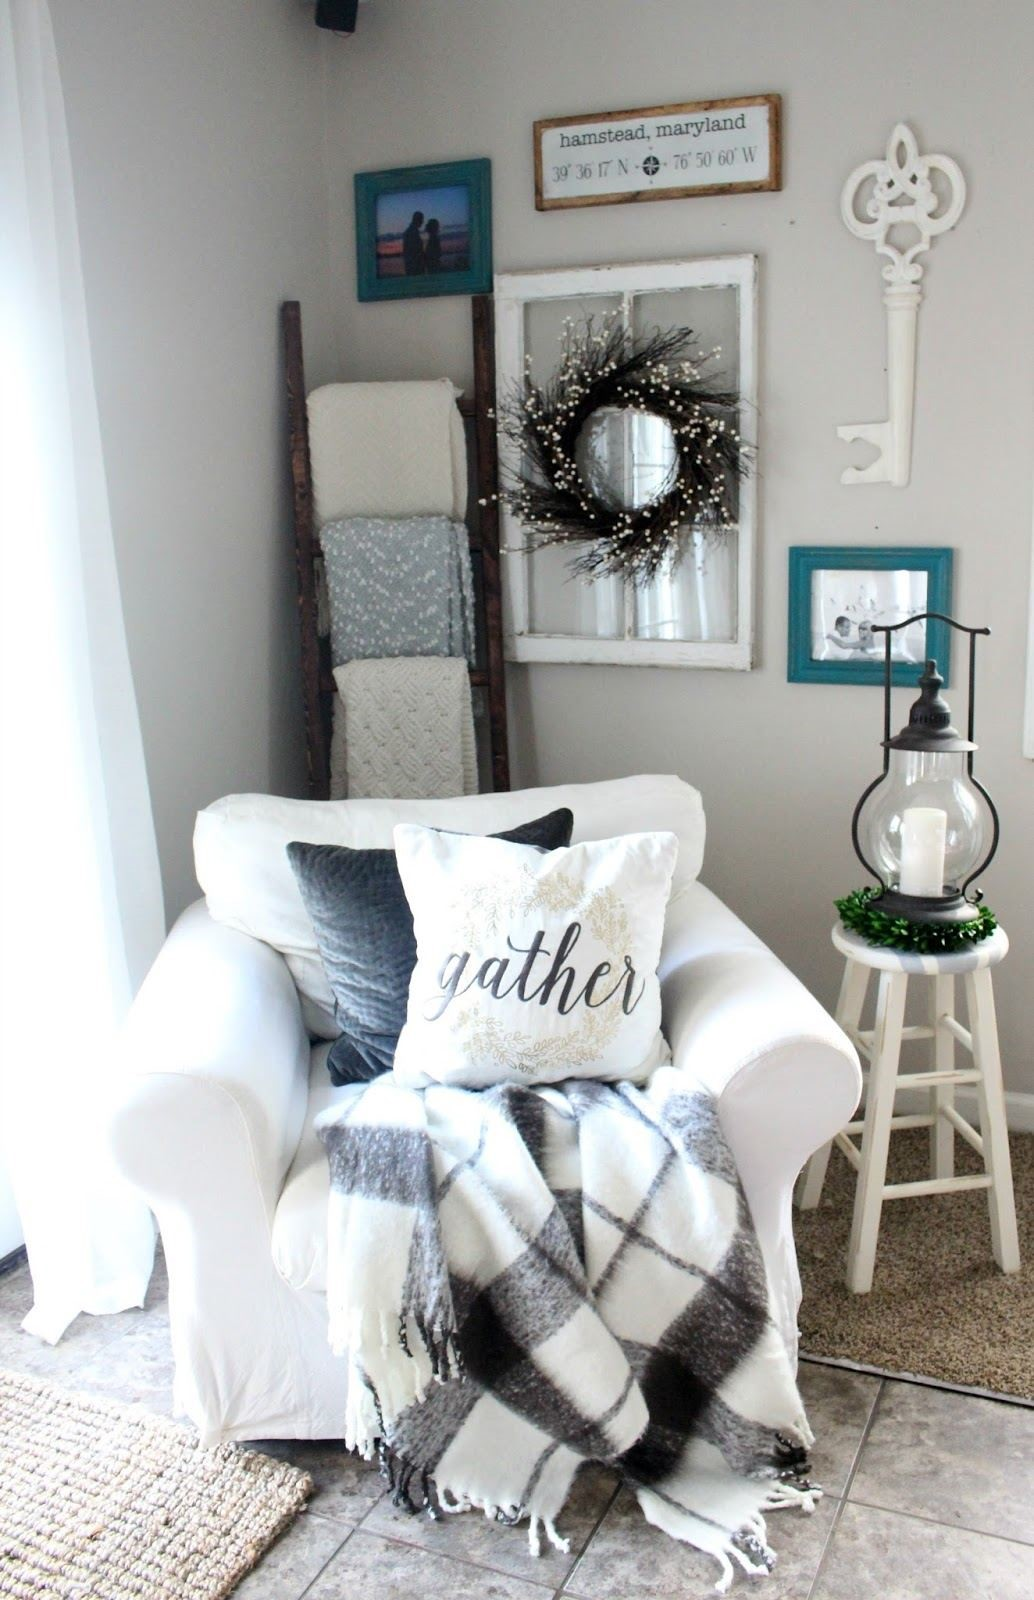 farmhouse style living room decor ideas 3